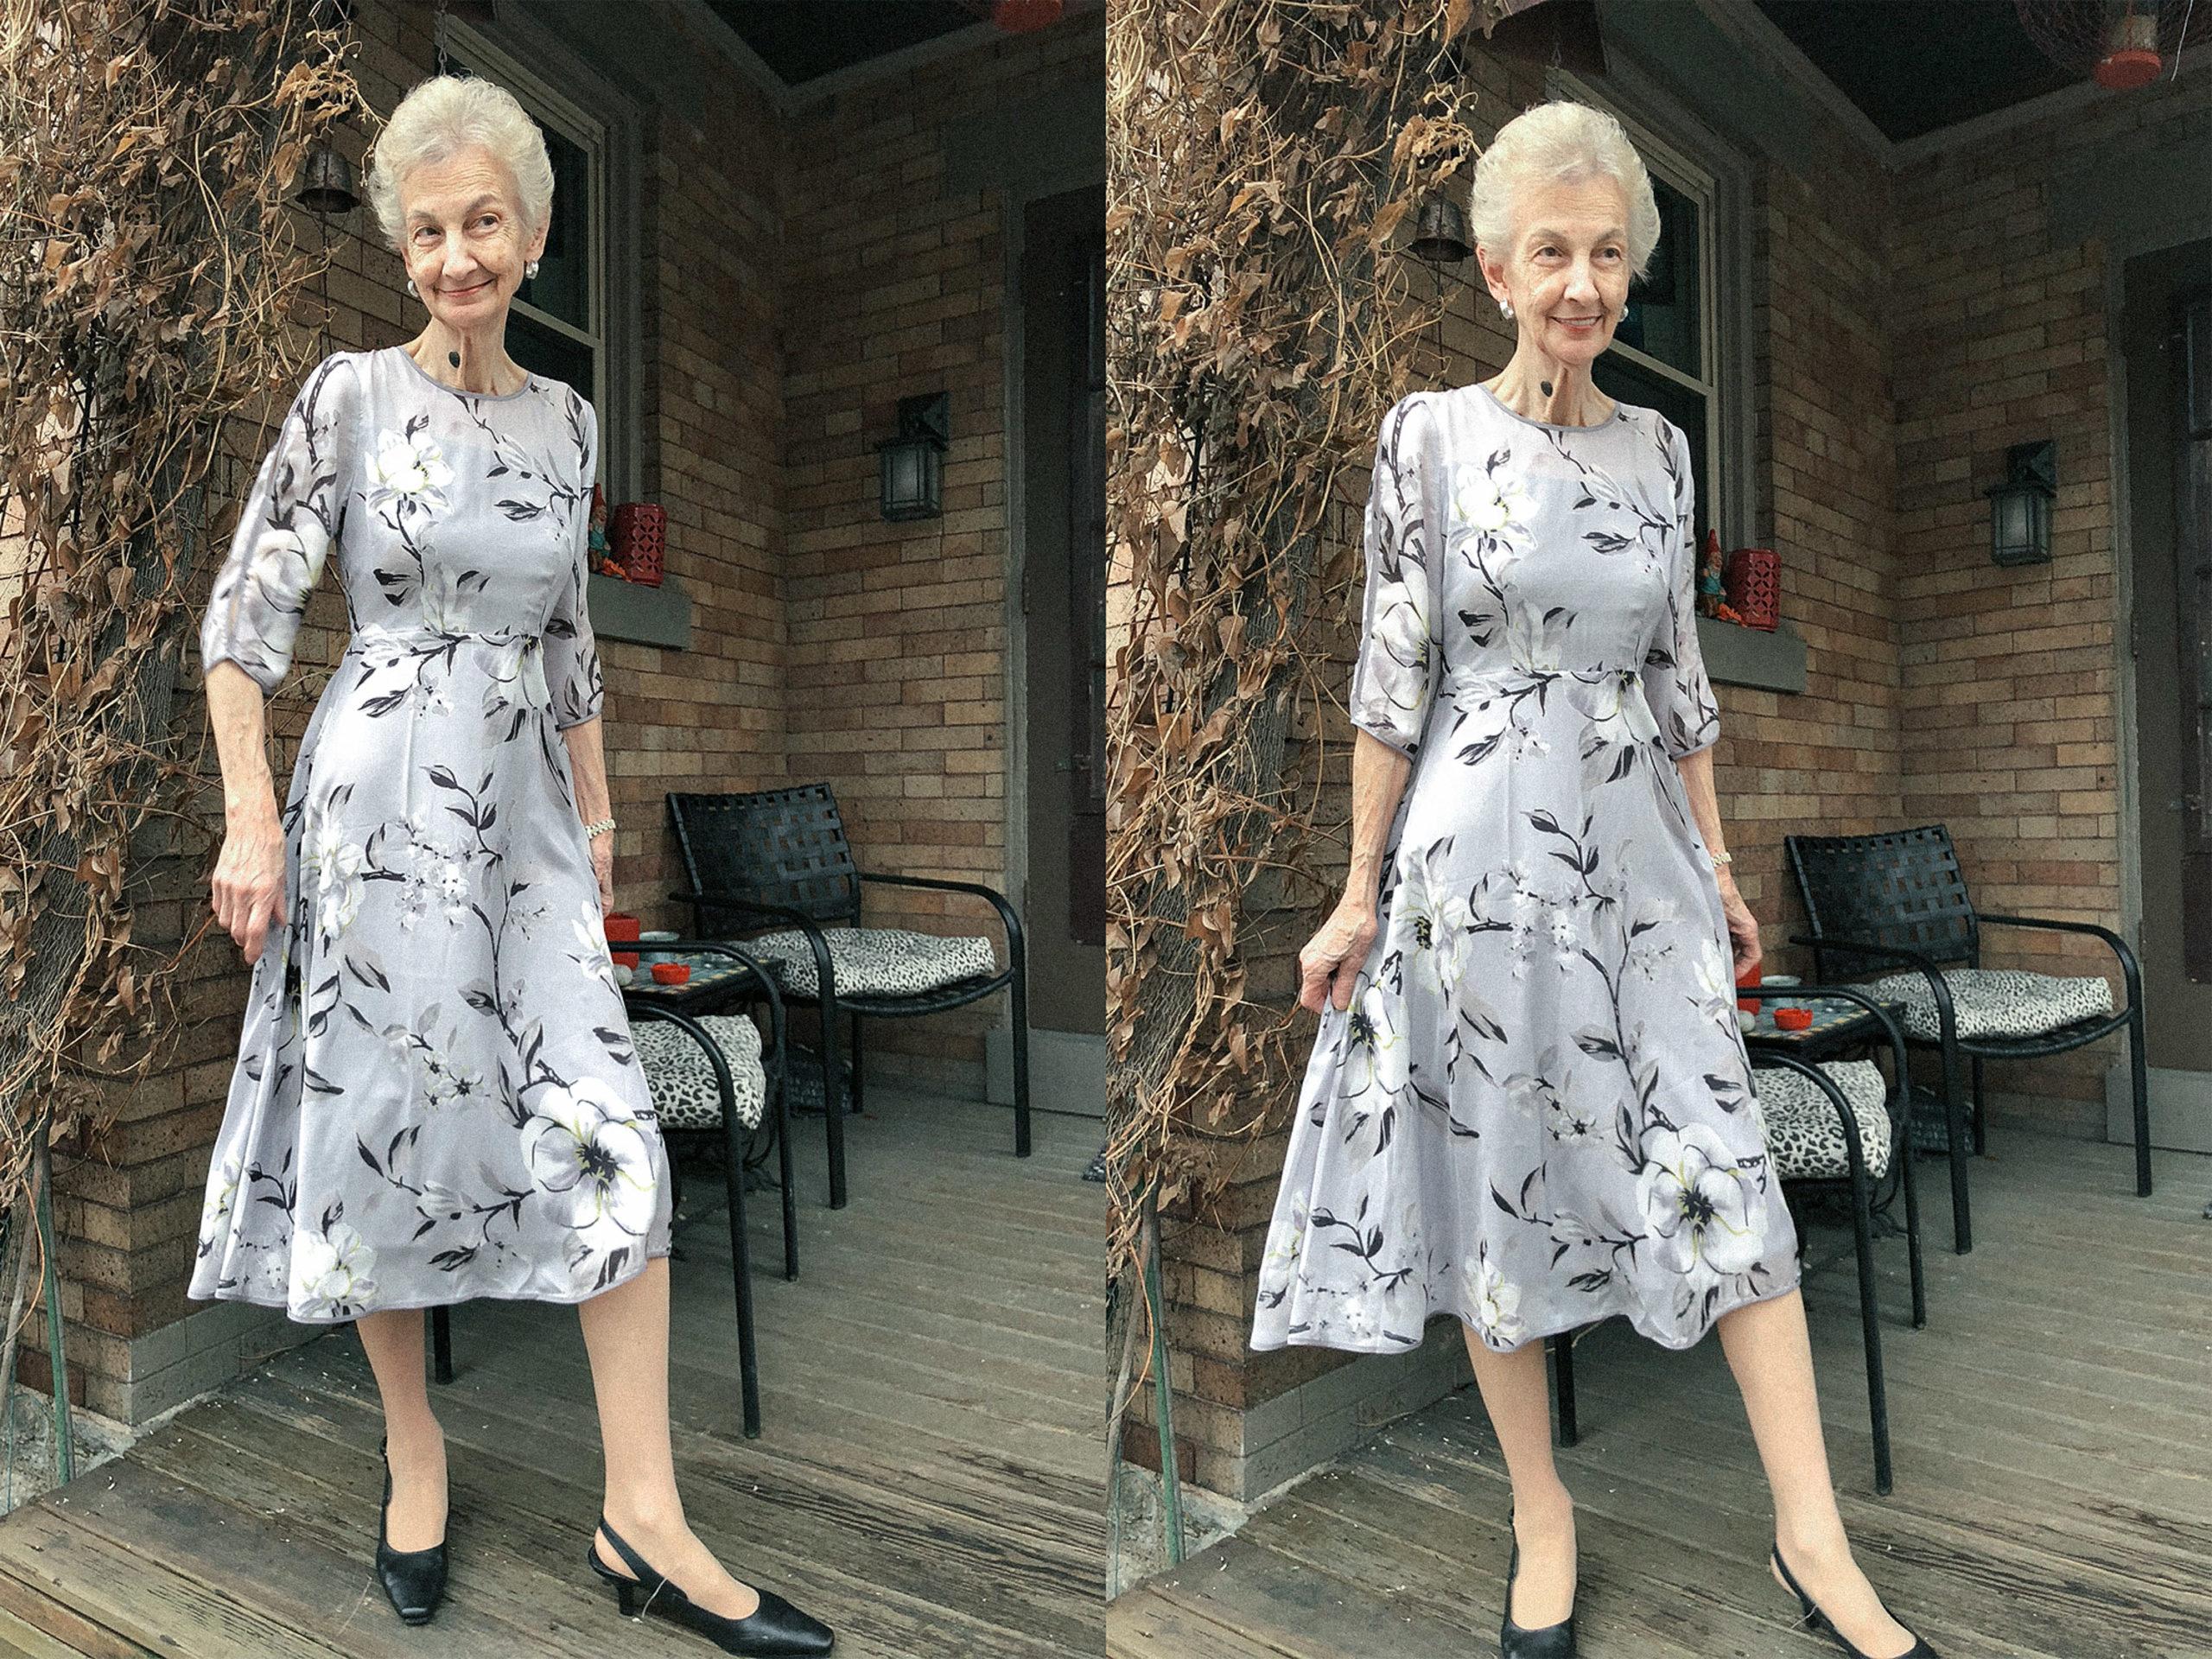 Woman wearing a floral print dress